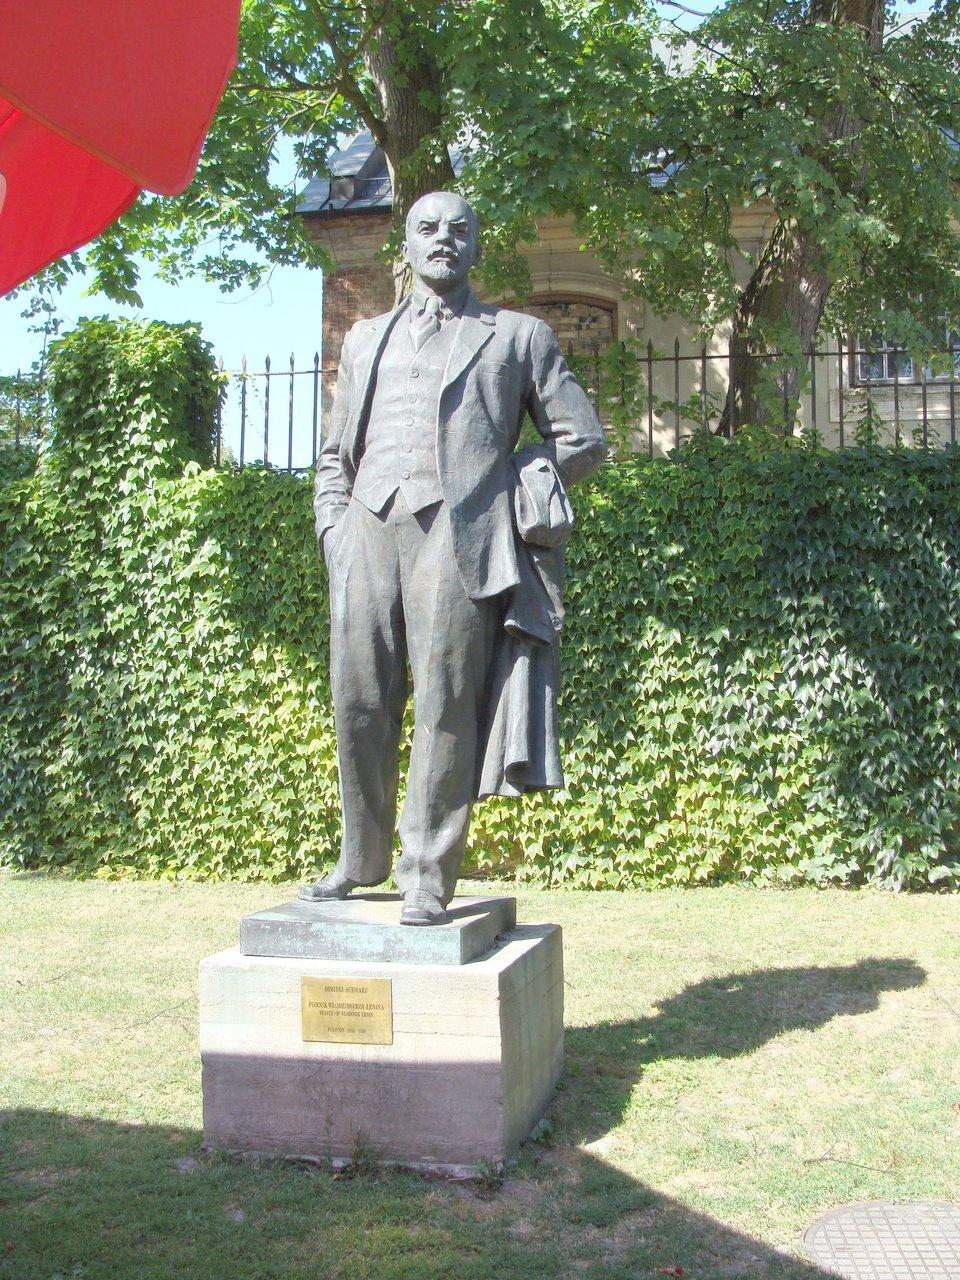 Pomnik Lenina Pomnik Lenina Źródło: domena publiczna.